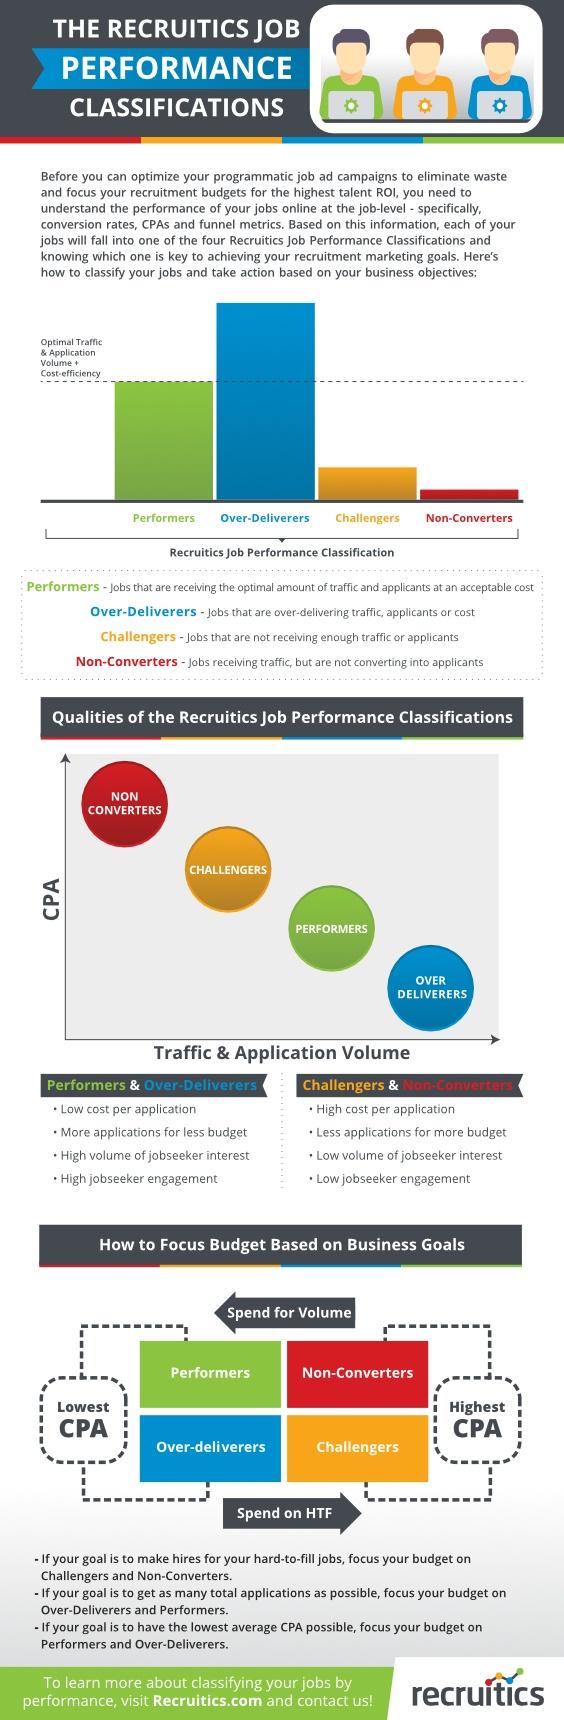 Recruitics Job Performance Classifications